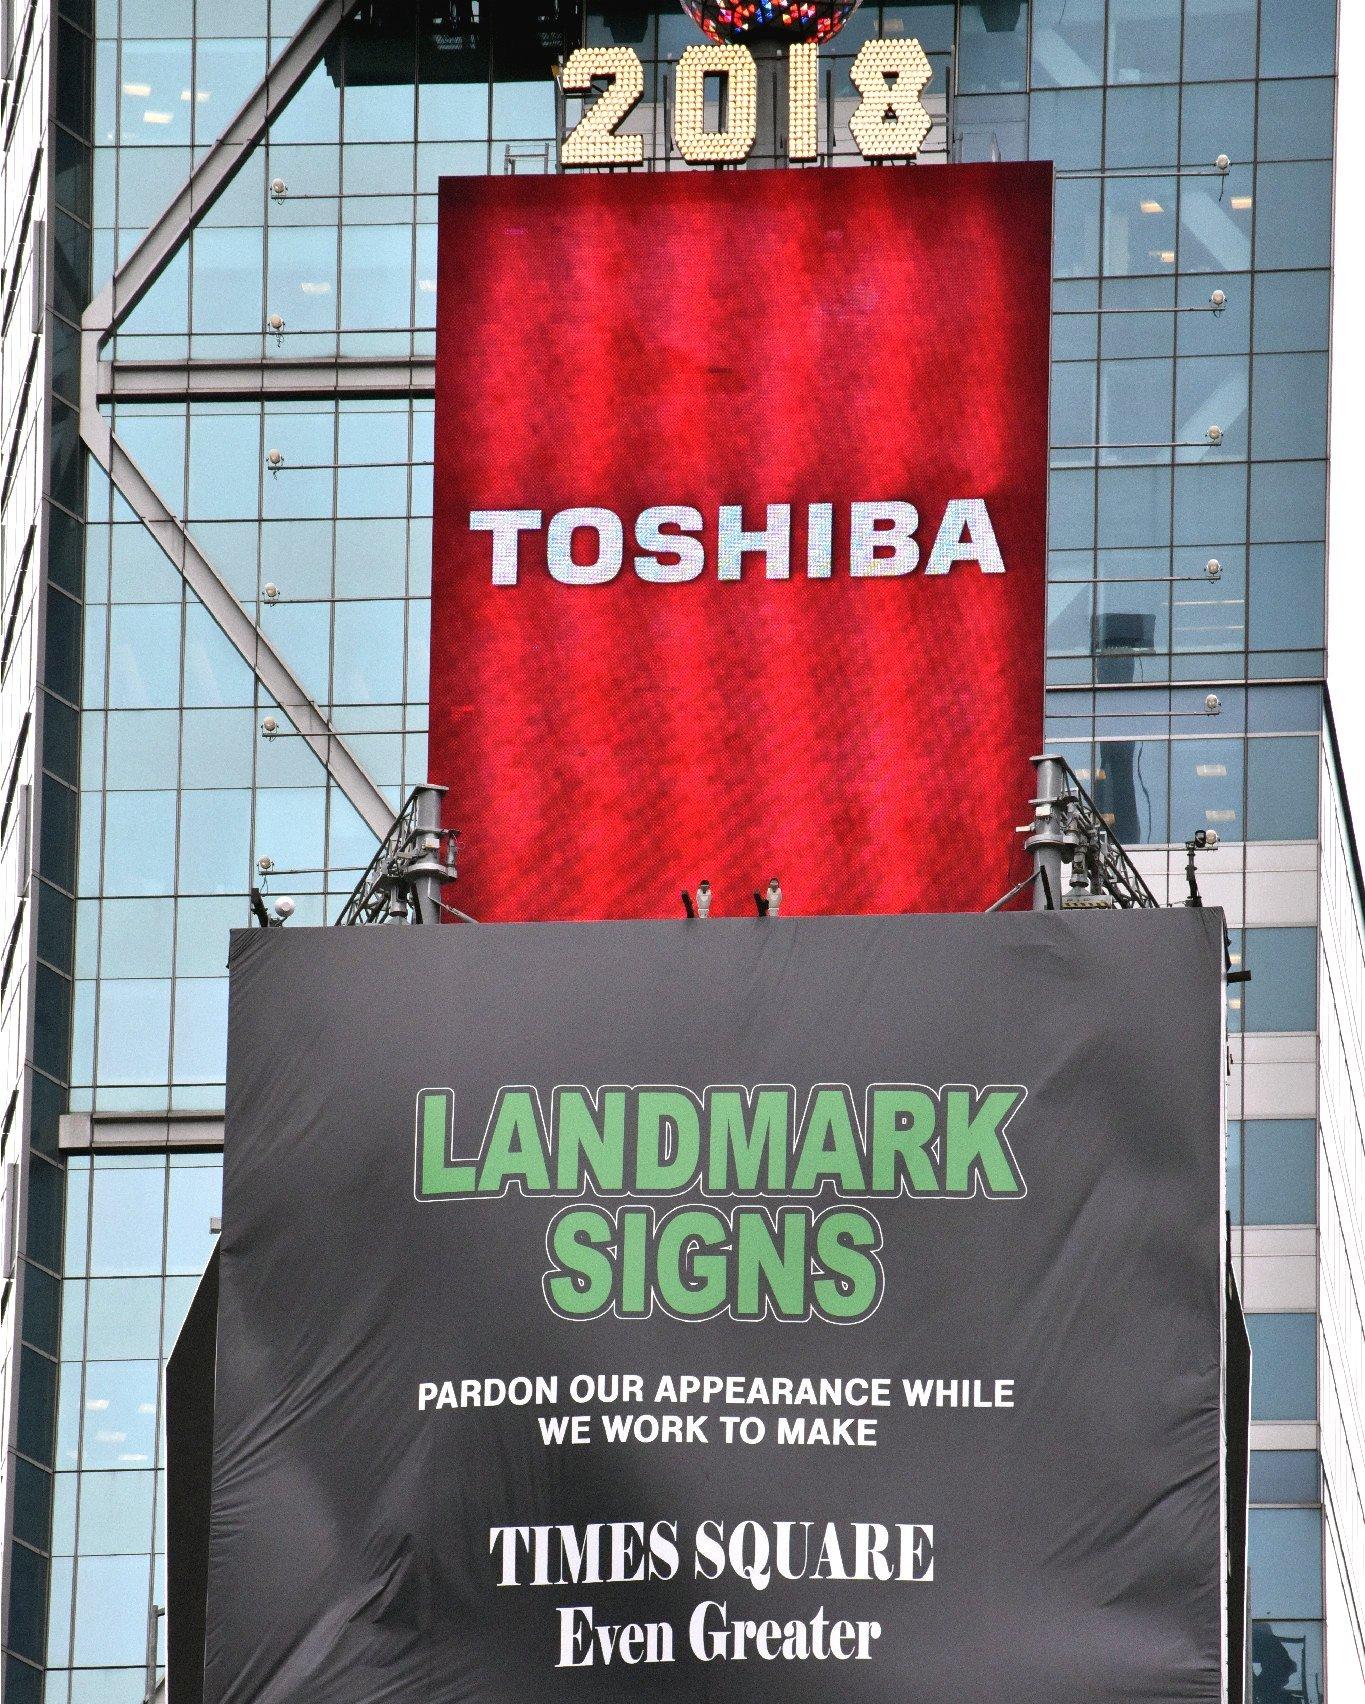 撤去作業が始まった東芝の巨大広告看板(18日、米NYタイムズスクエア=時事)